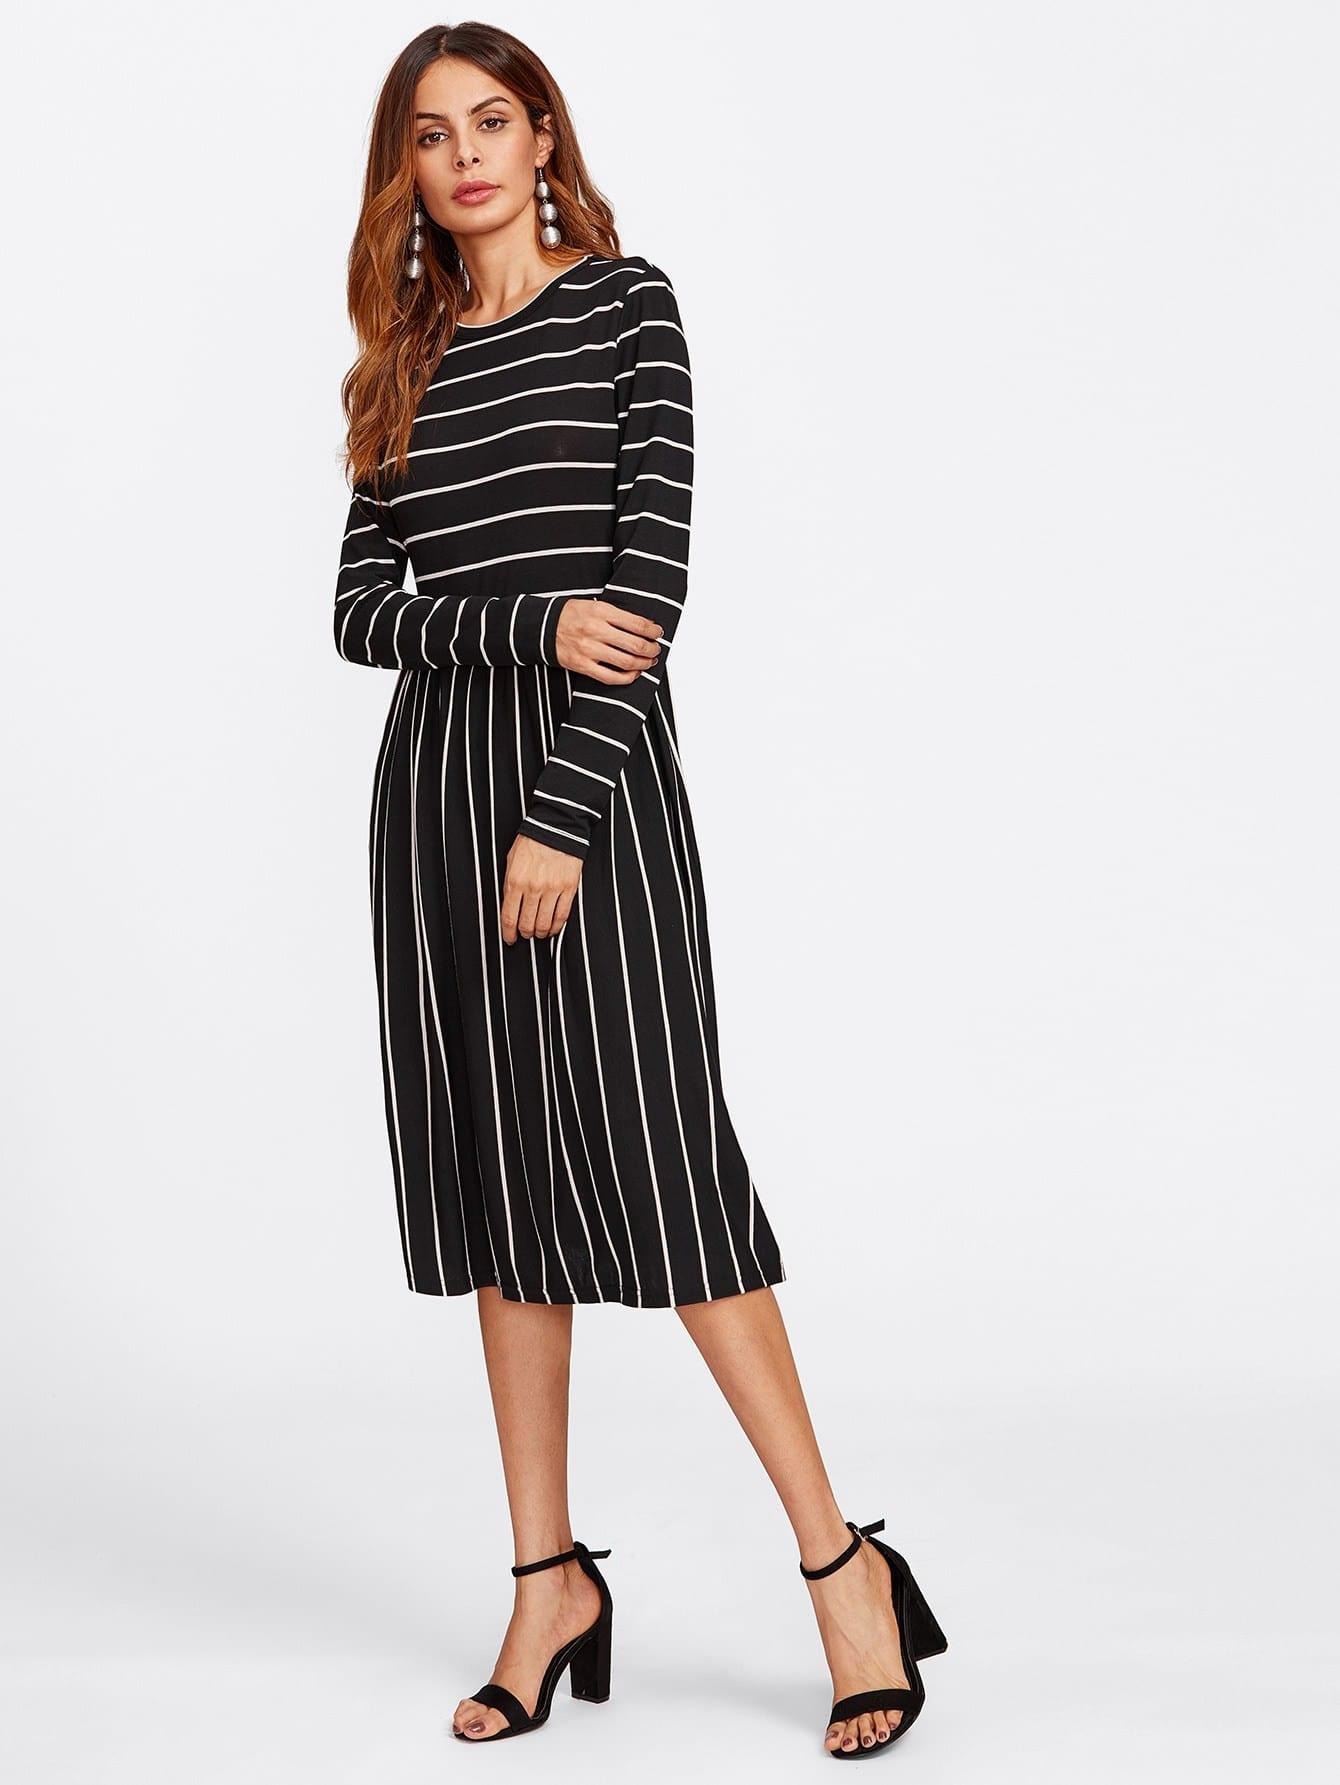 Mixed Striped Tee Dress все цены